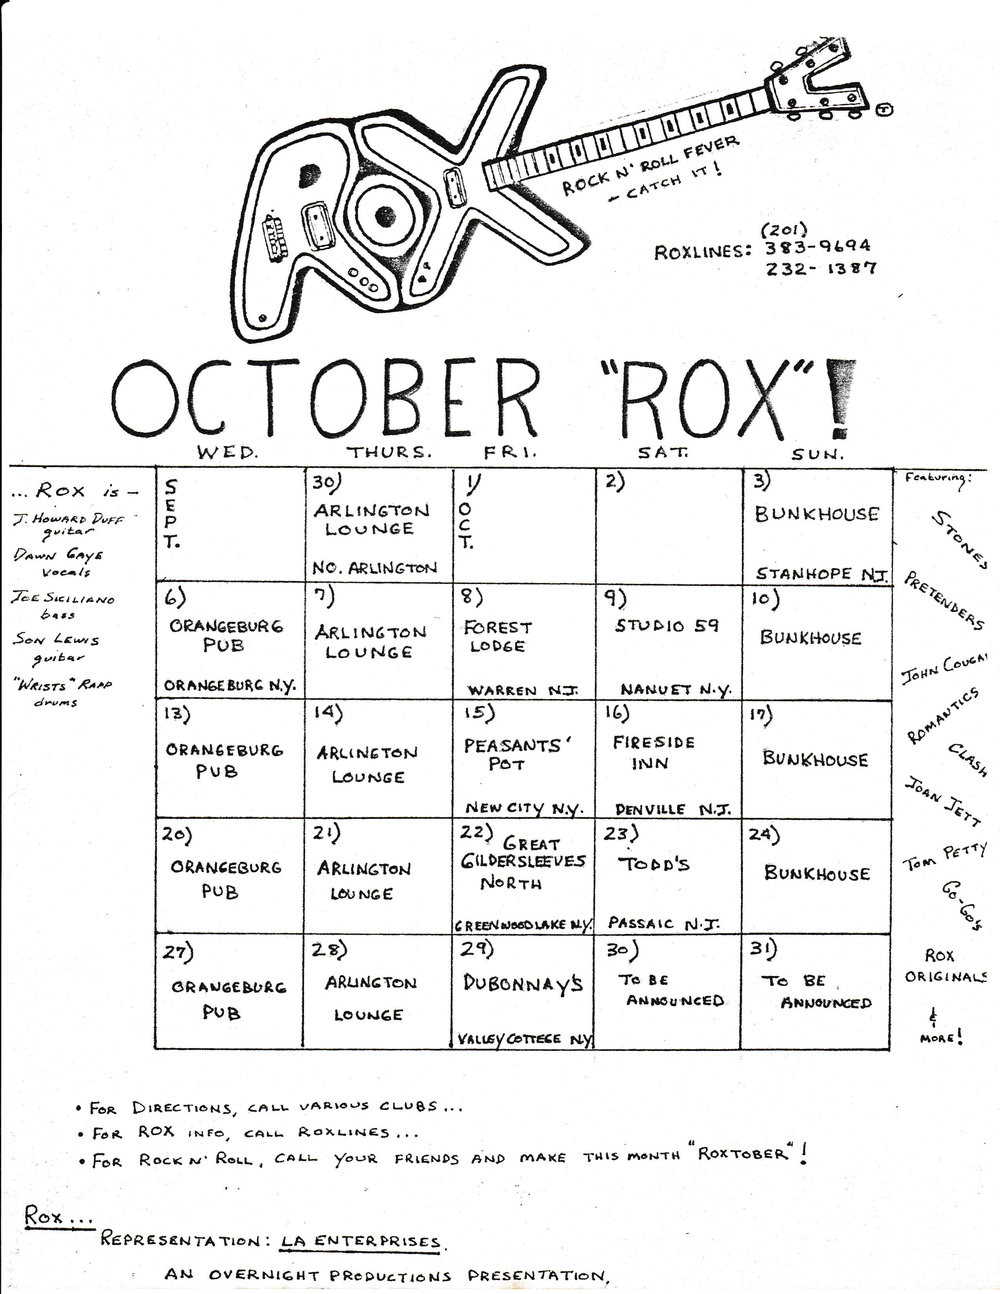 Rox Calendar.jpg